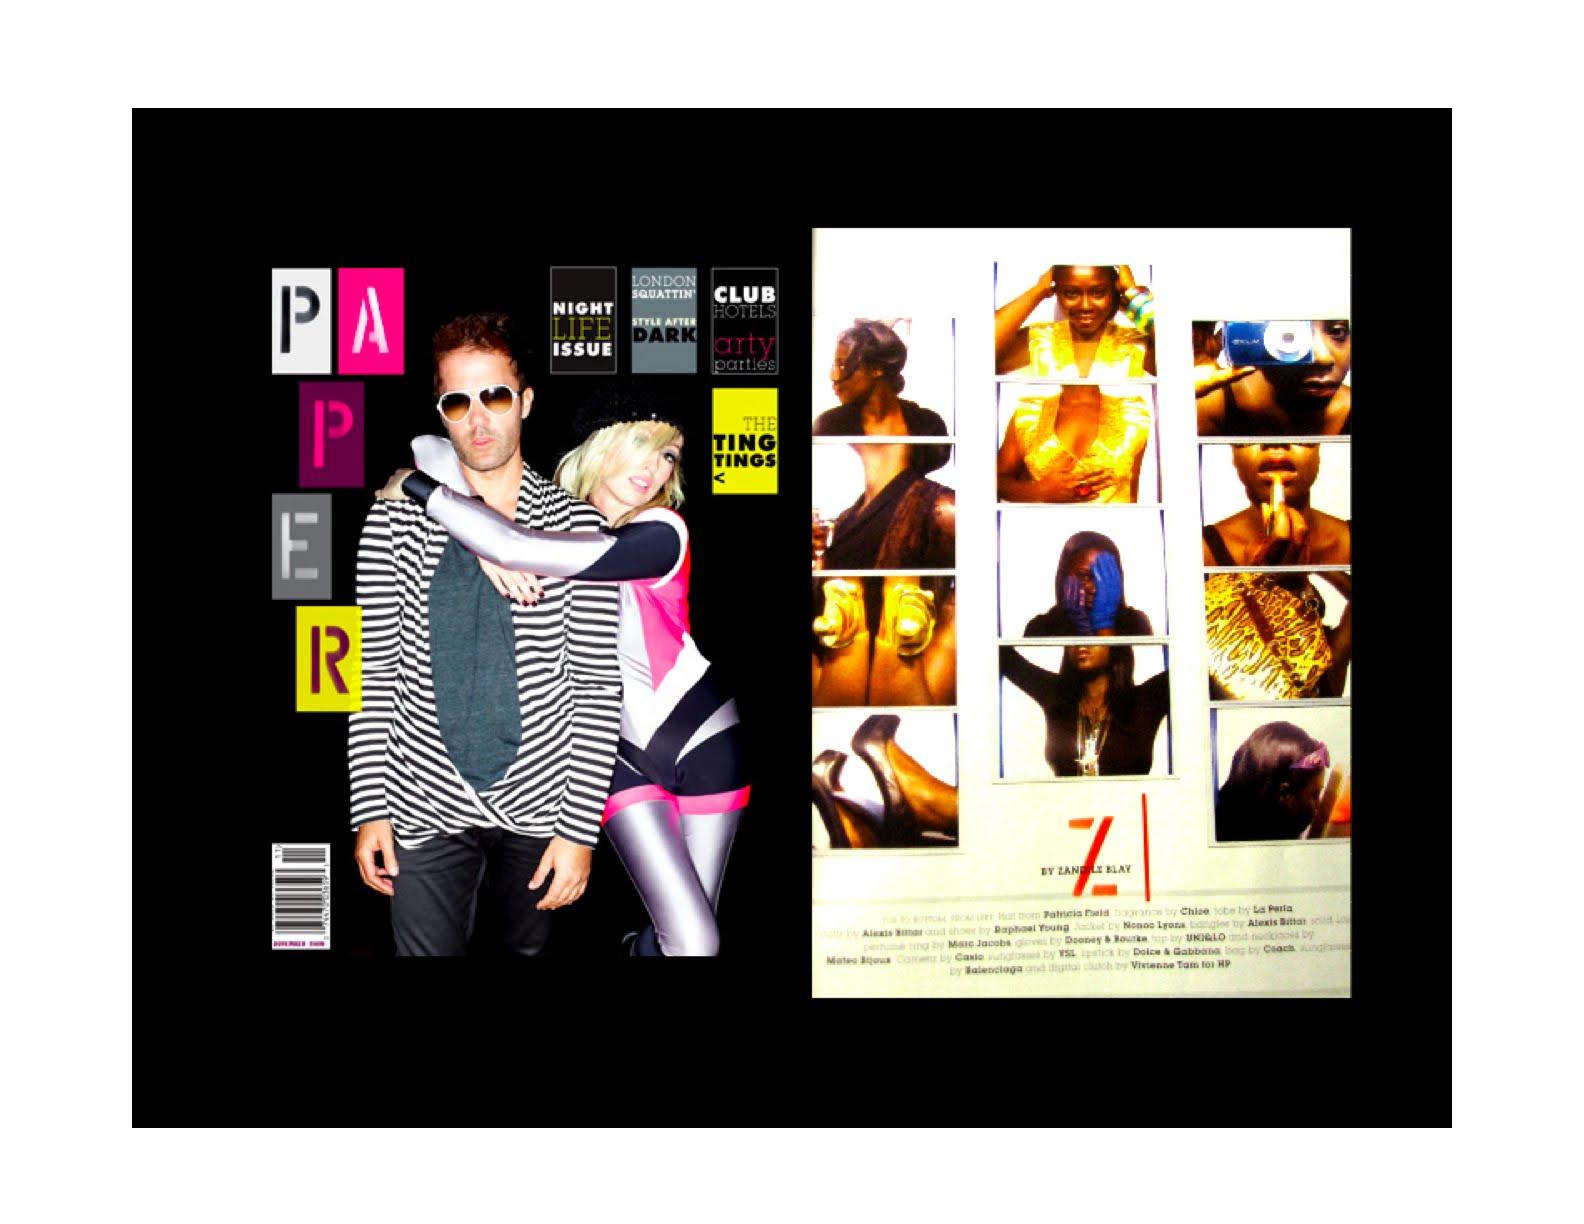 http://1.bp.blogspot.com/_tT_wi9ob-x0/Swox0AXwBCI/AAAAAAAAAEE/yiv3hpx_BZk/s1600/paper+mag+press.jpg